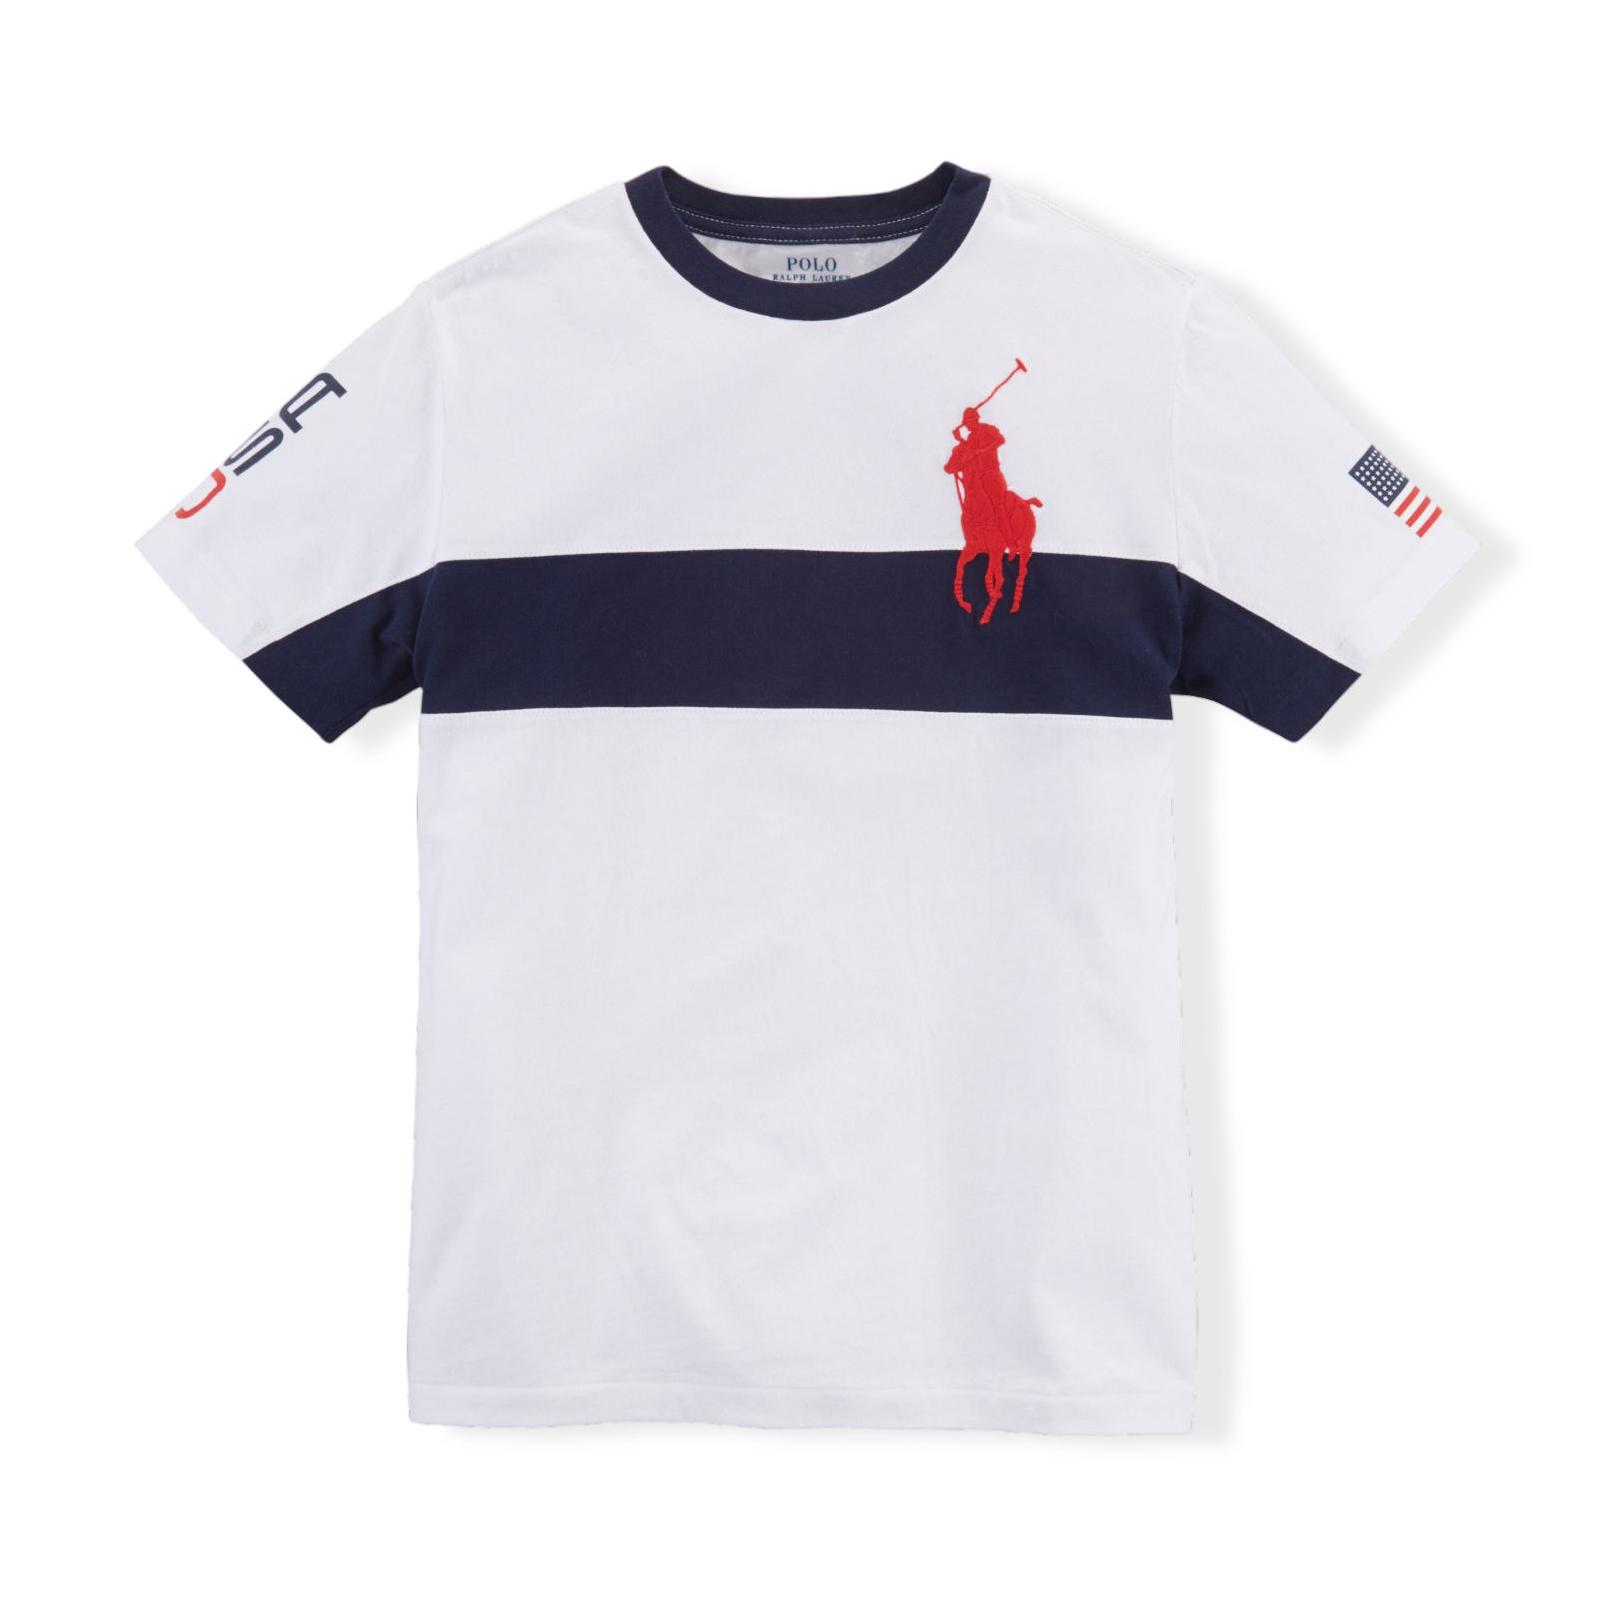 美國百分百【Ralph Lauren】T恤 男衣 RL 短袖 上衣 T-shirt Polo 大馬 國旗 白 XS S號 F313